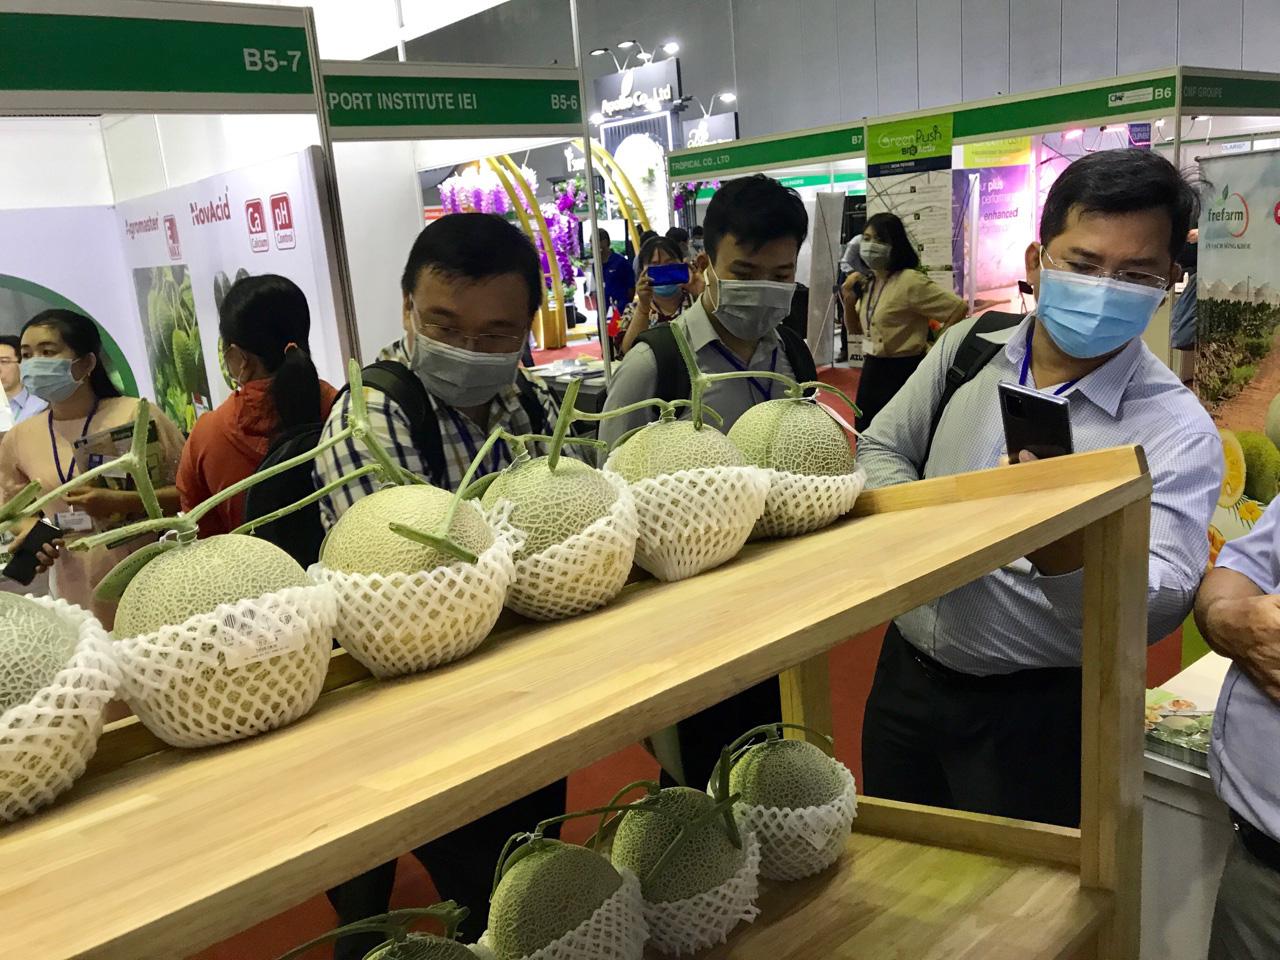 Đẩy mạnh xuất khẩu rau quả sang Thái Lan, Mỹ, EU…để giảm áp lực thị trường Trung Quốc bị ngưng trệ do dịch Covid-19 - Ảnh 2.